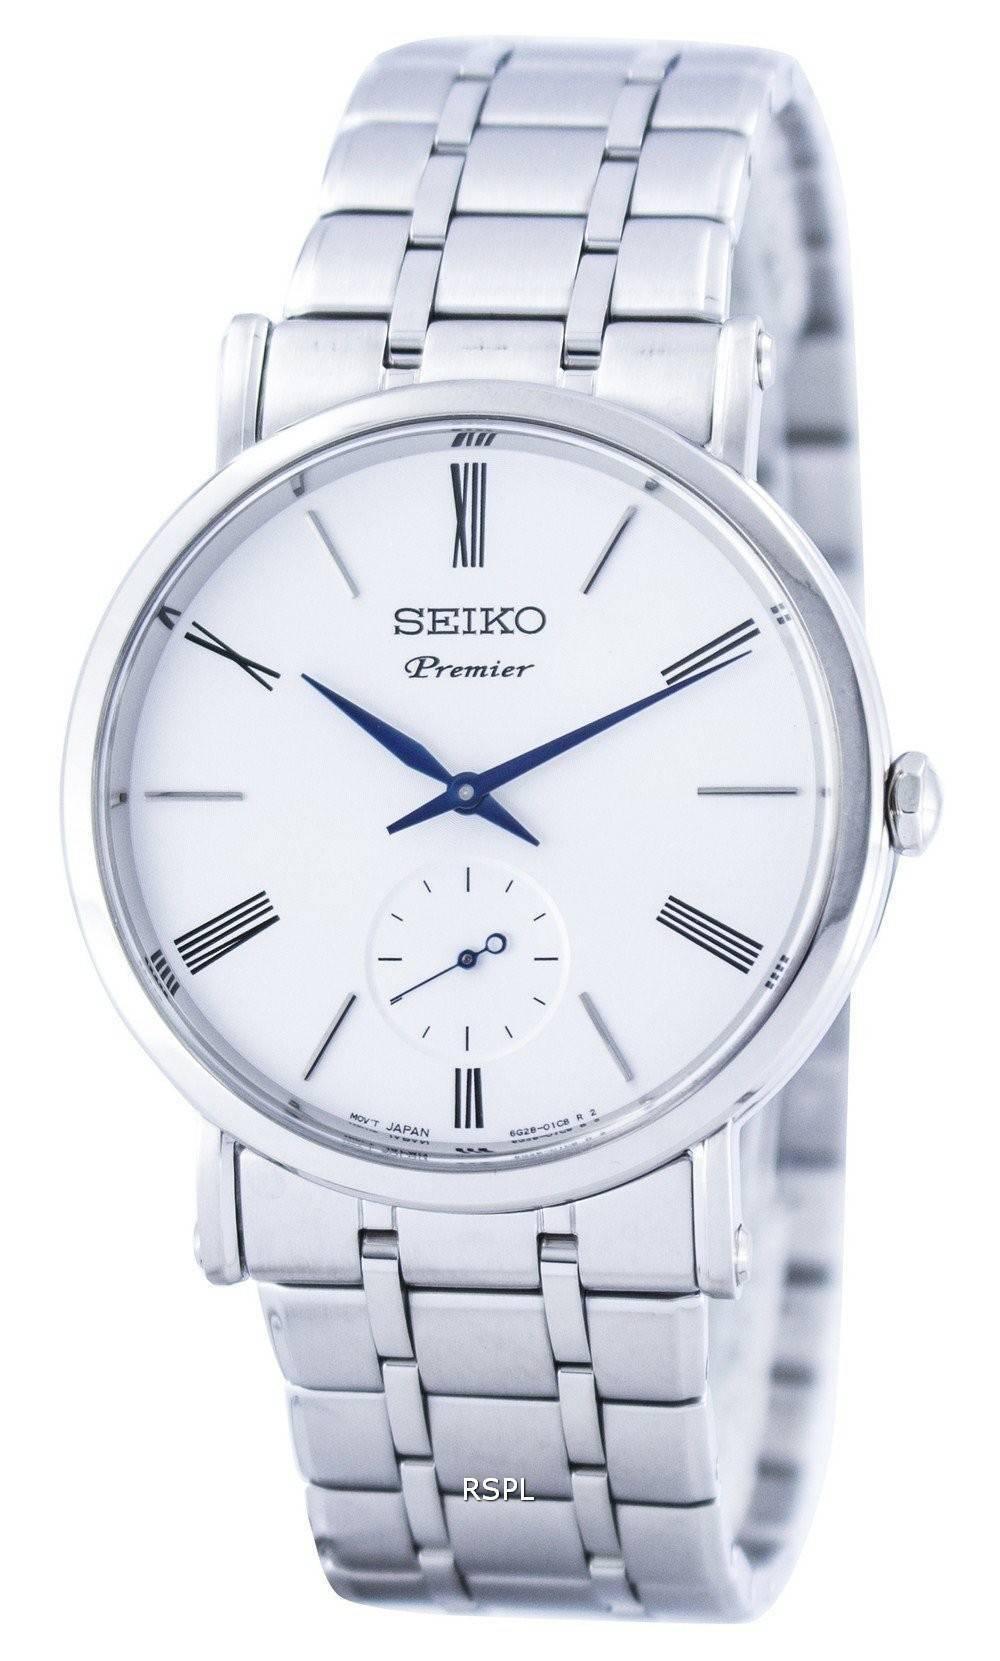 Seiko Premier Small Second Hand Quartz SRK033 SRK033P1 ...